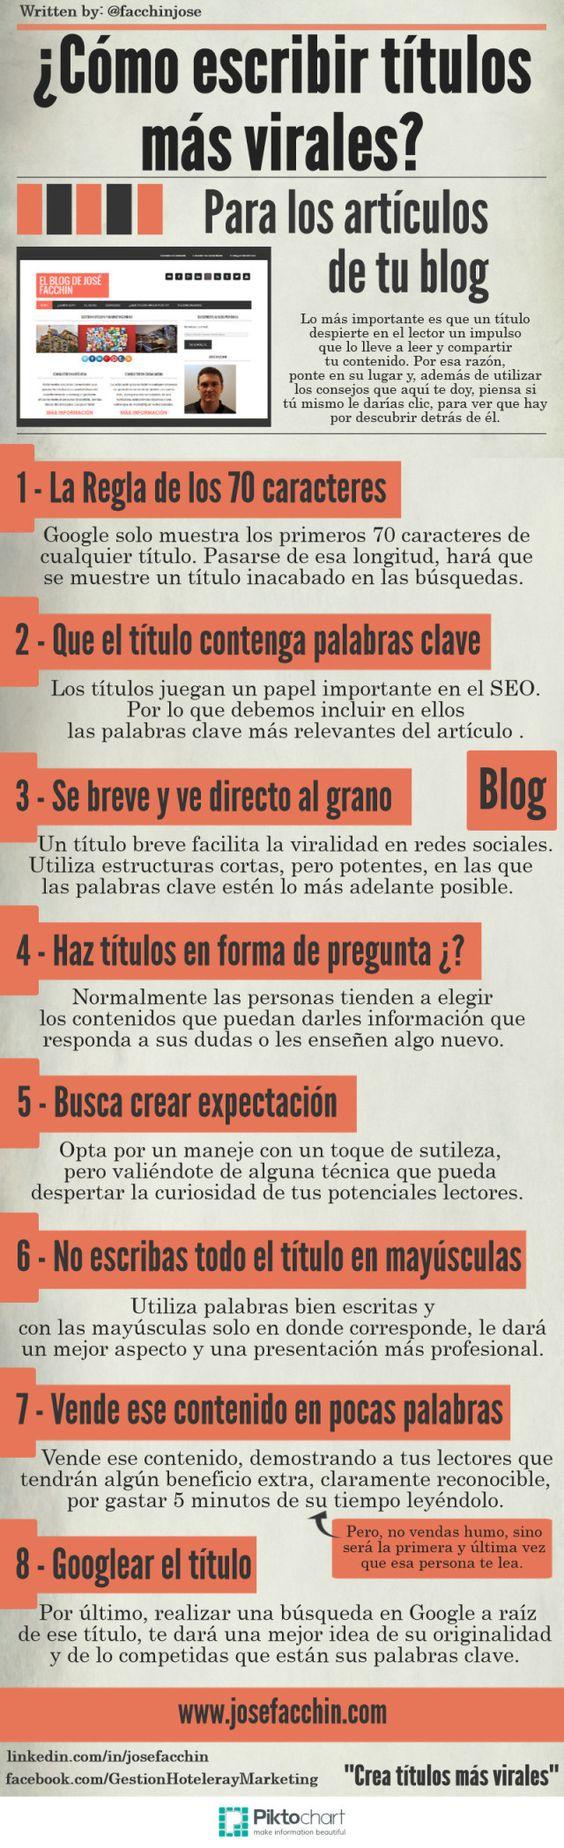 ¿Cómo escribir títulos más virales para los artículos de tu blog? #infografia